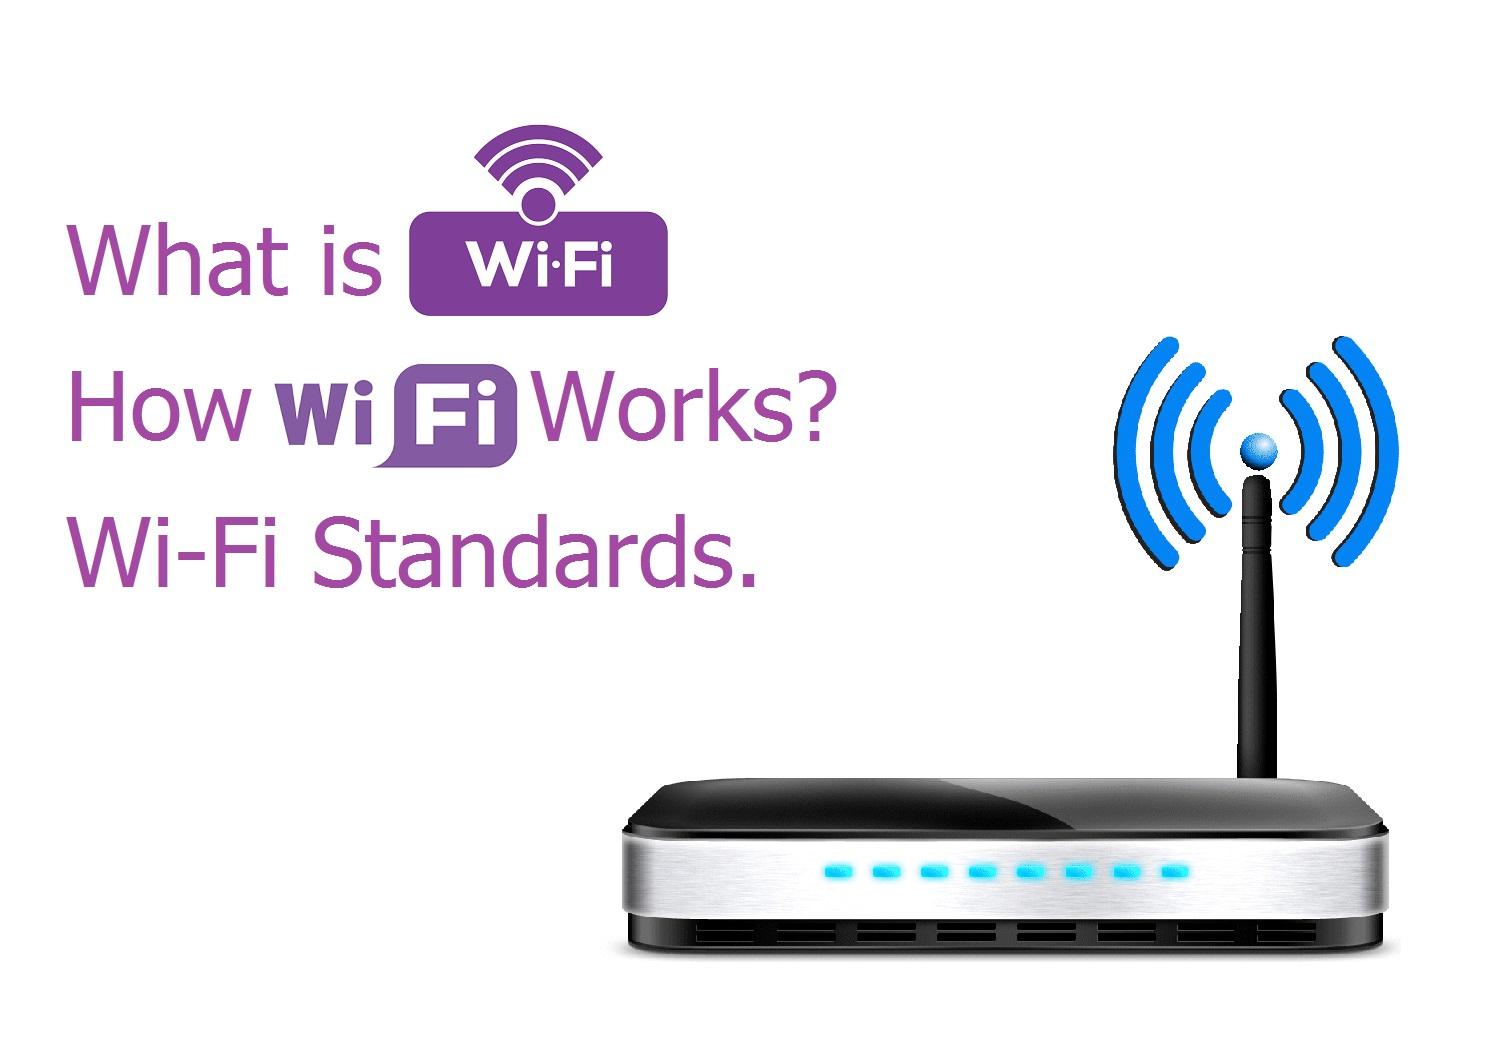 Wi-Fi(Wireless Fidelity)